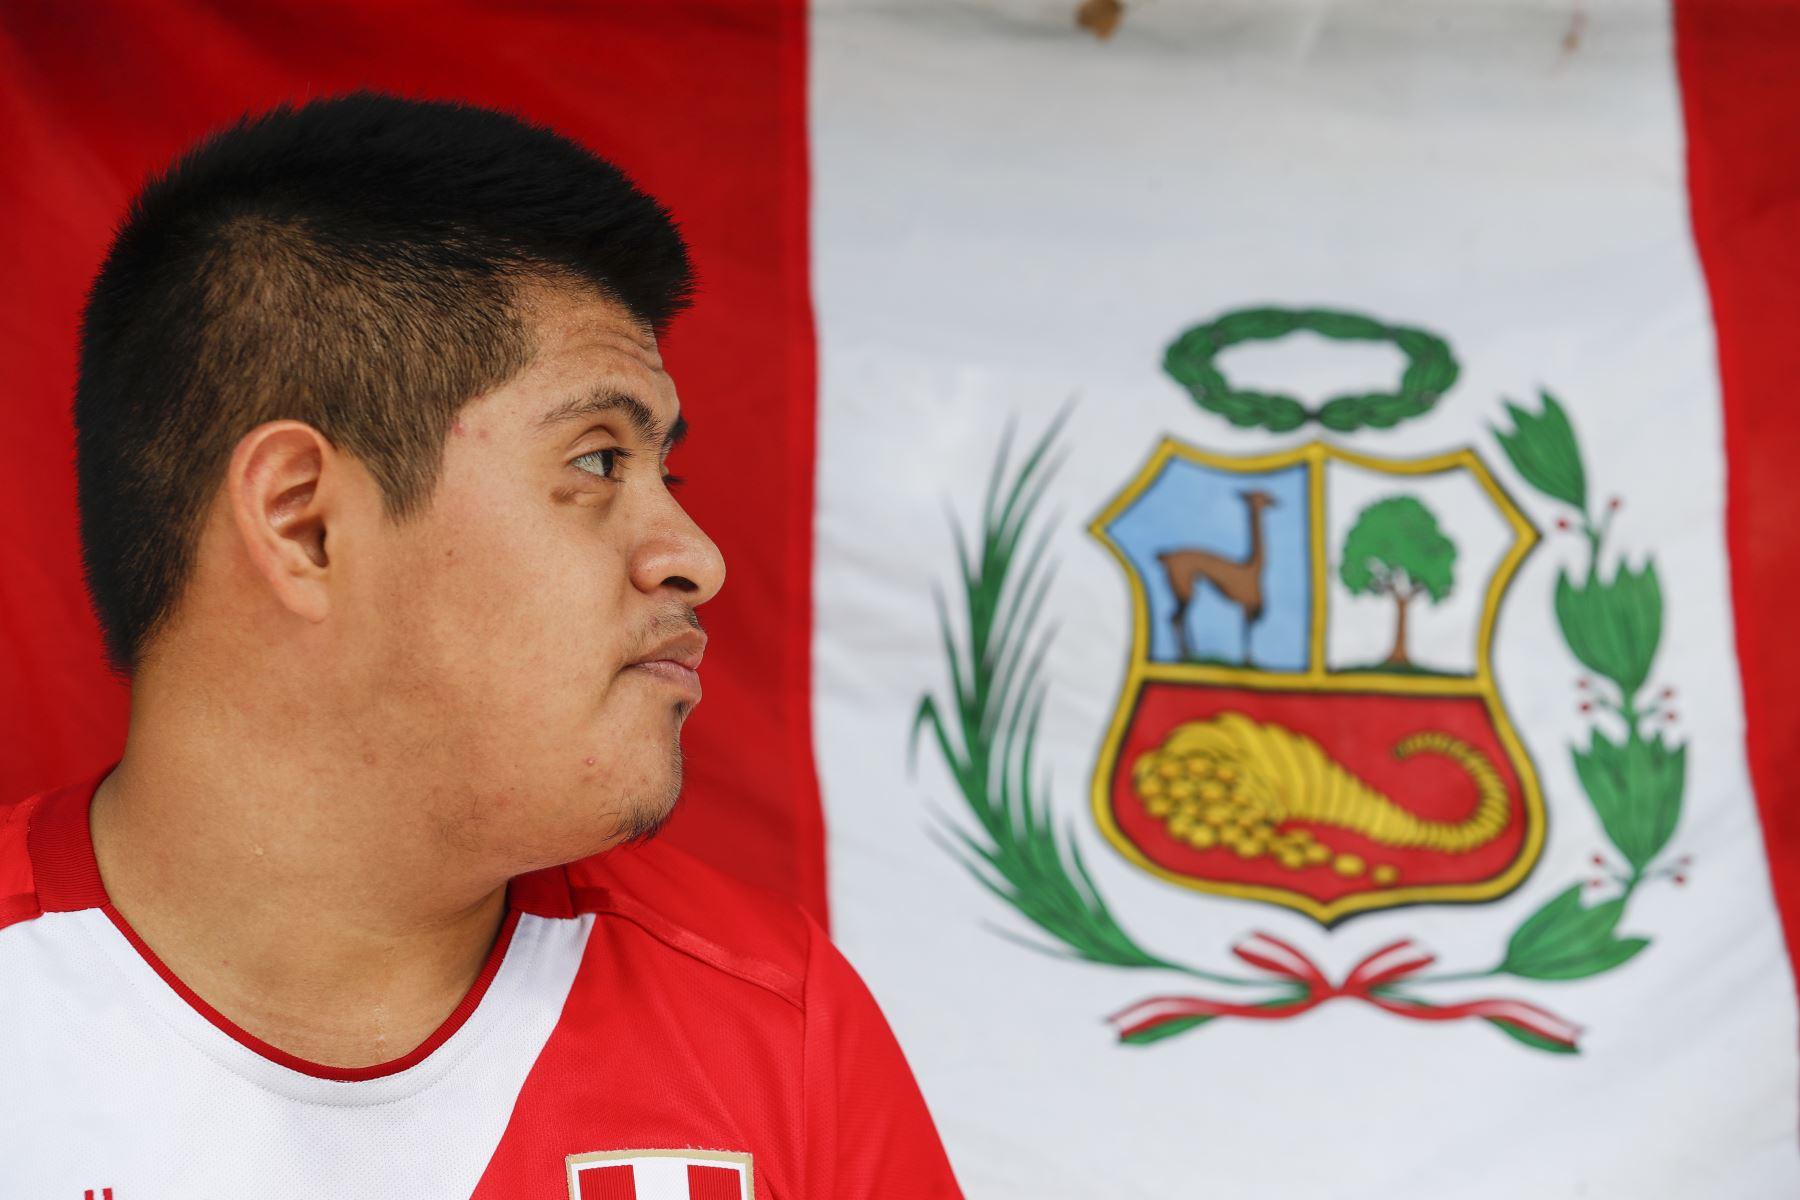 """Joseph Flores o """"coco"""" (18) vive en confinamiento e intenta entrenar su vivienda con miras al Mundial de Futsal Lima 2022. Foto: ANDINA/Renato Pajuelo"""